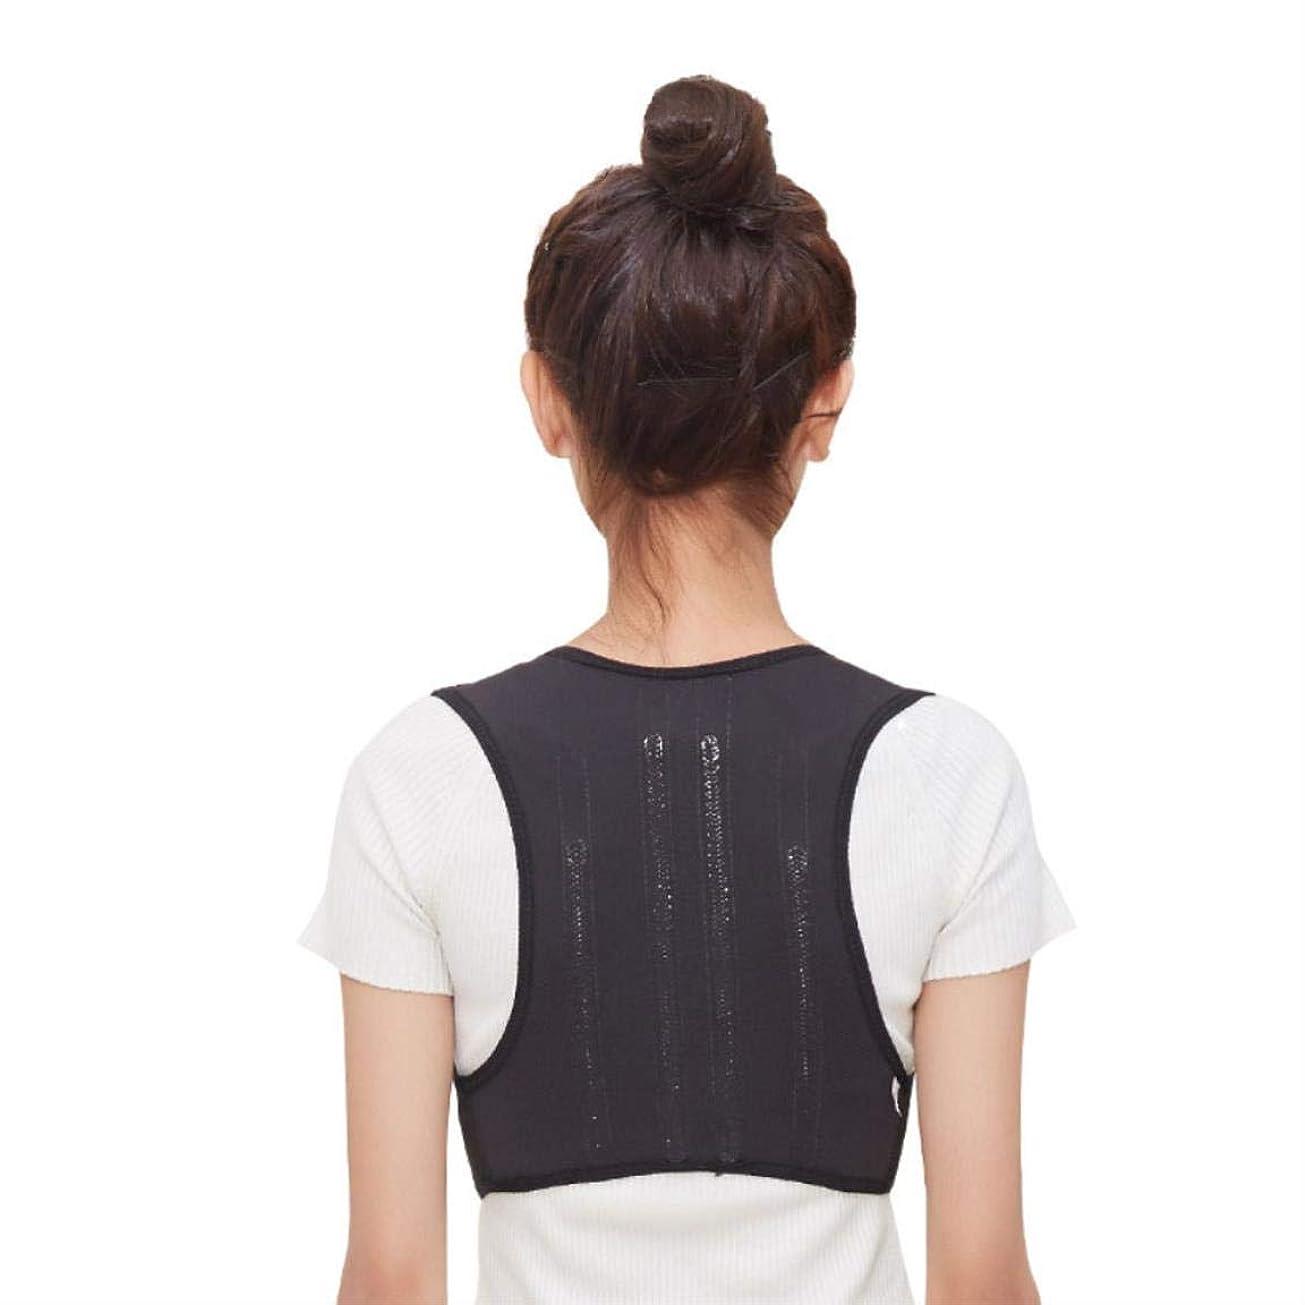 変化シチリア学校背中の矯正ベルト成人の見えない後弯補正ベルトの反こぶの矯正女性の薄い下着のプラスチック製の体のサポート胸の薄いセクションを集めました,S